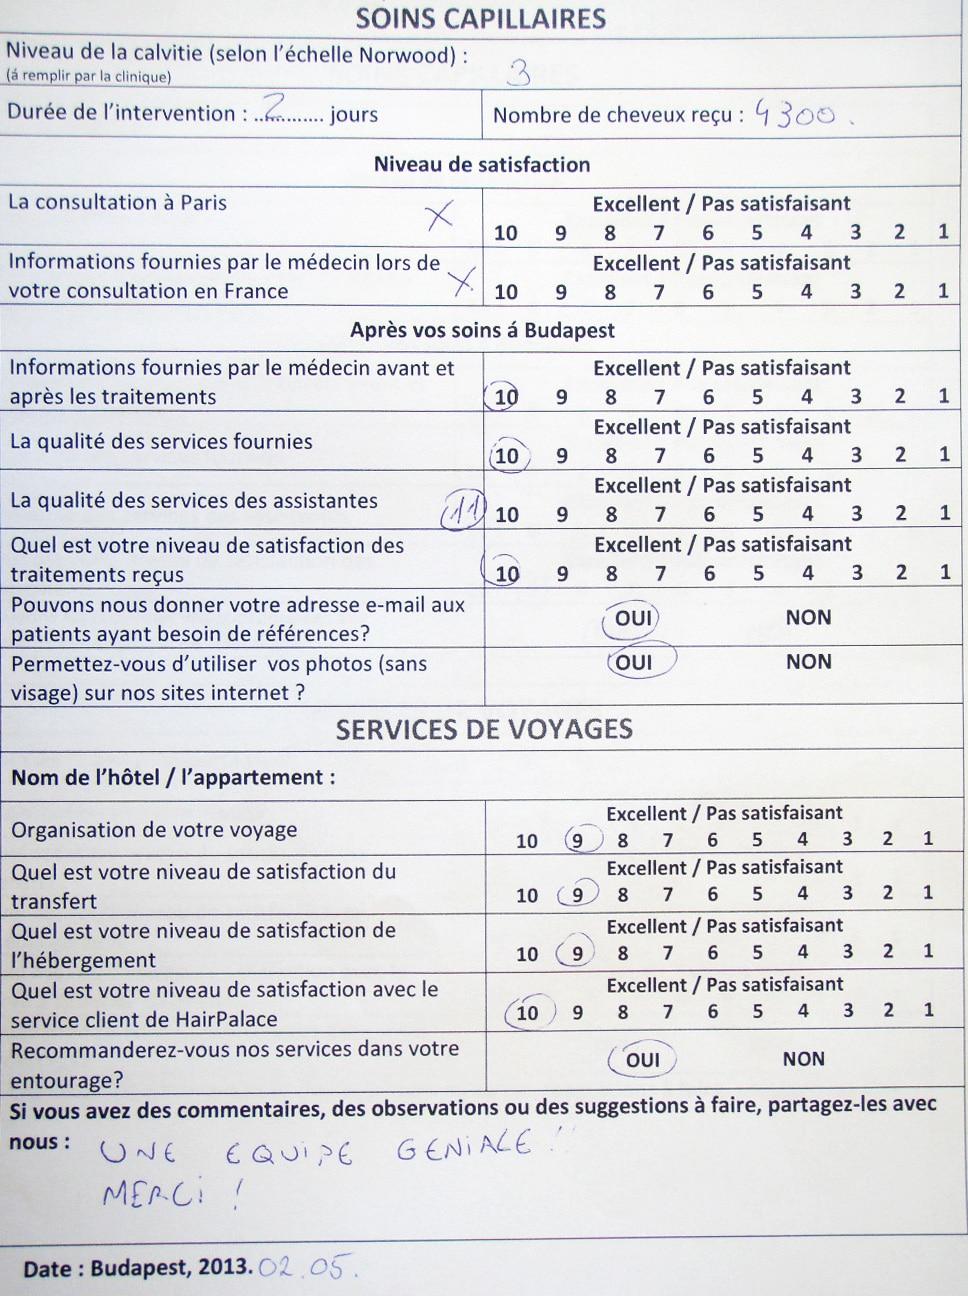 Clinique pour soins tres speciaux 1980 - 1 4